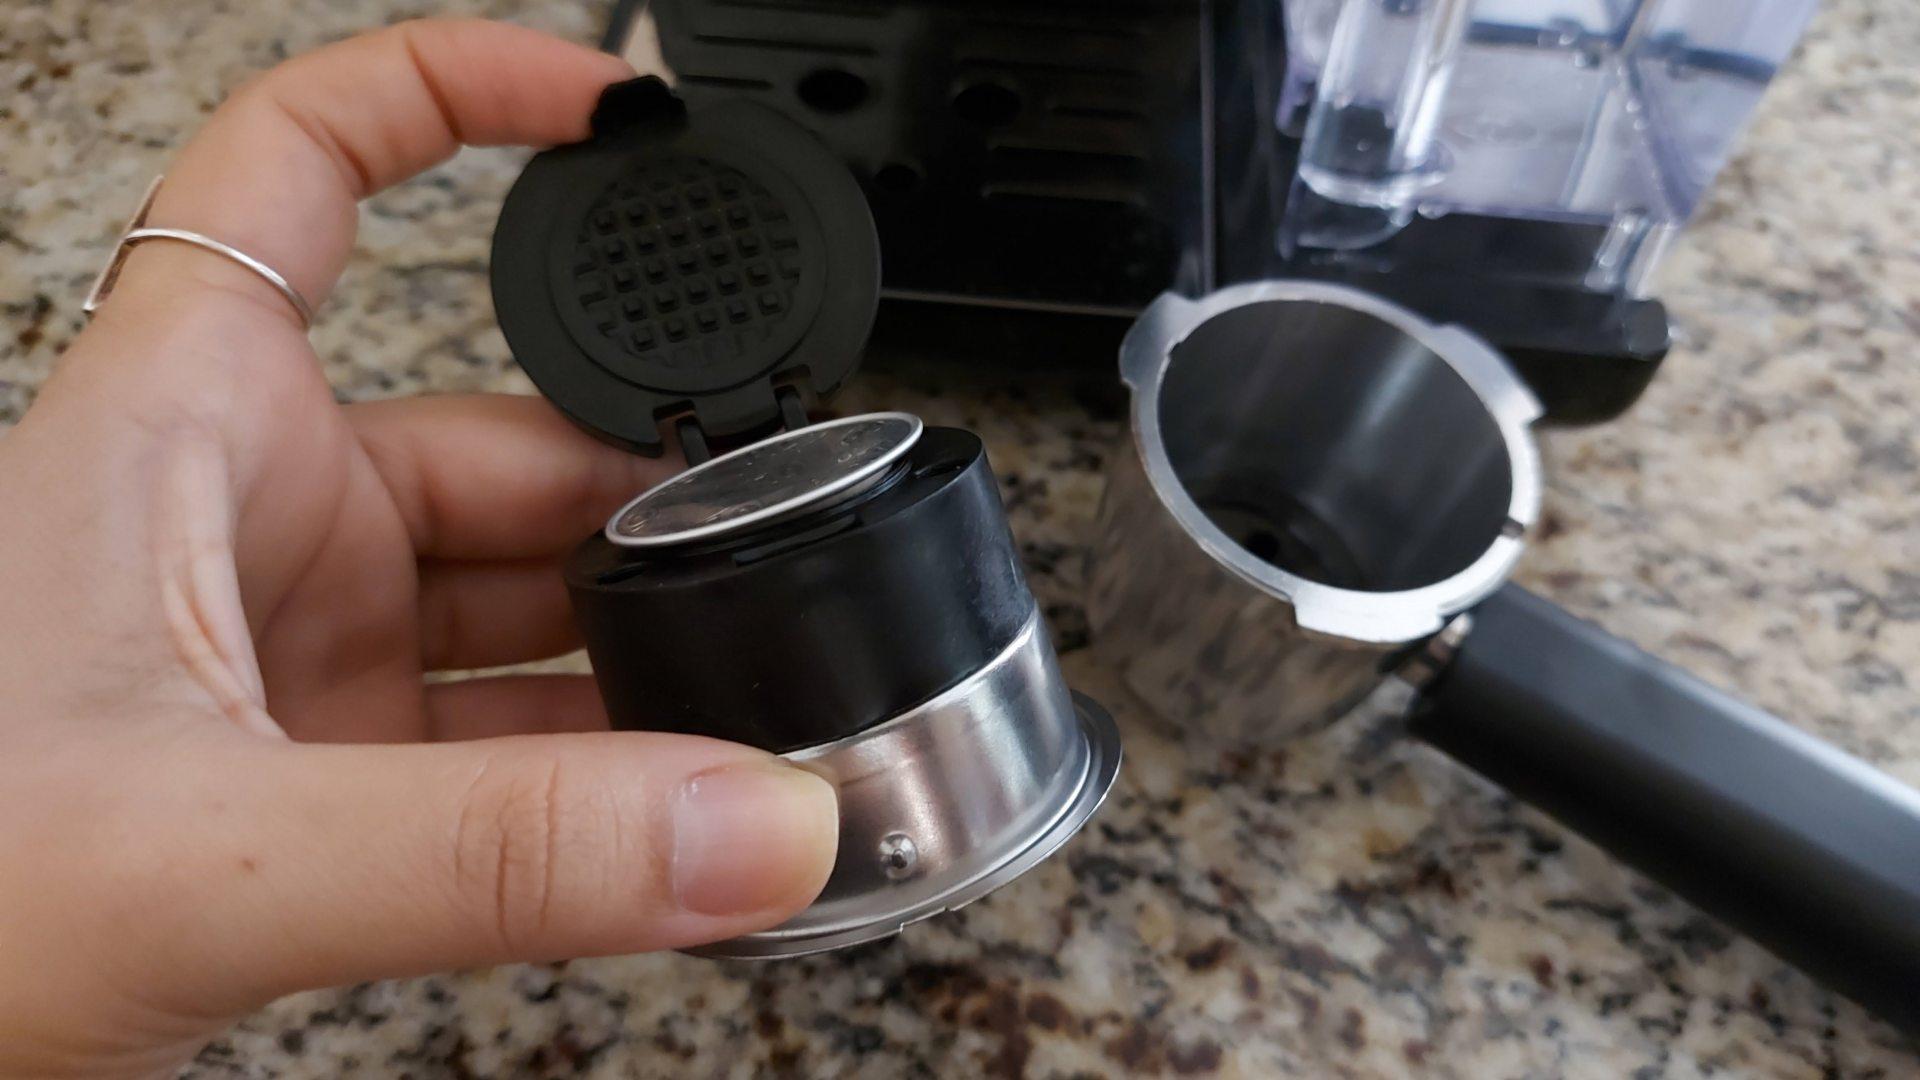 O encaixe da cápsula é feito primeiro no filtro e, depois, no cachimbo que vai na cafeteira (Foto: Acervo Pessoal/Ariel Cristina Borges)